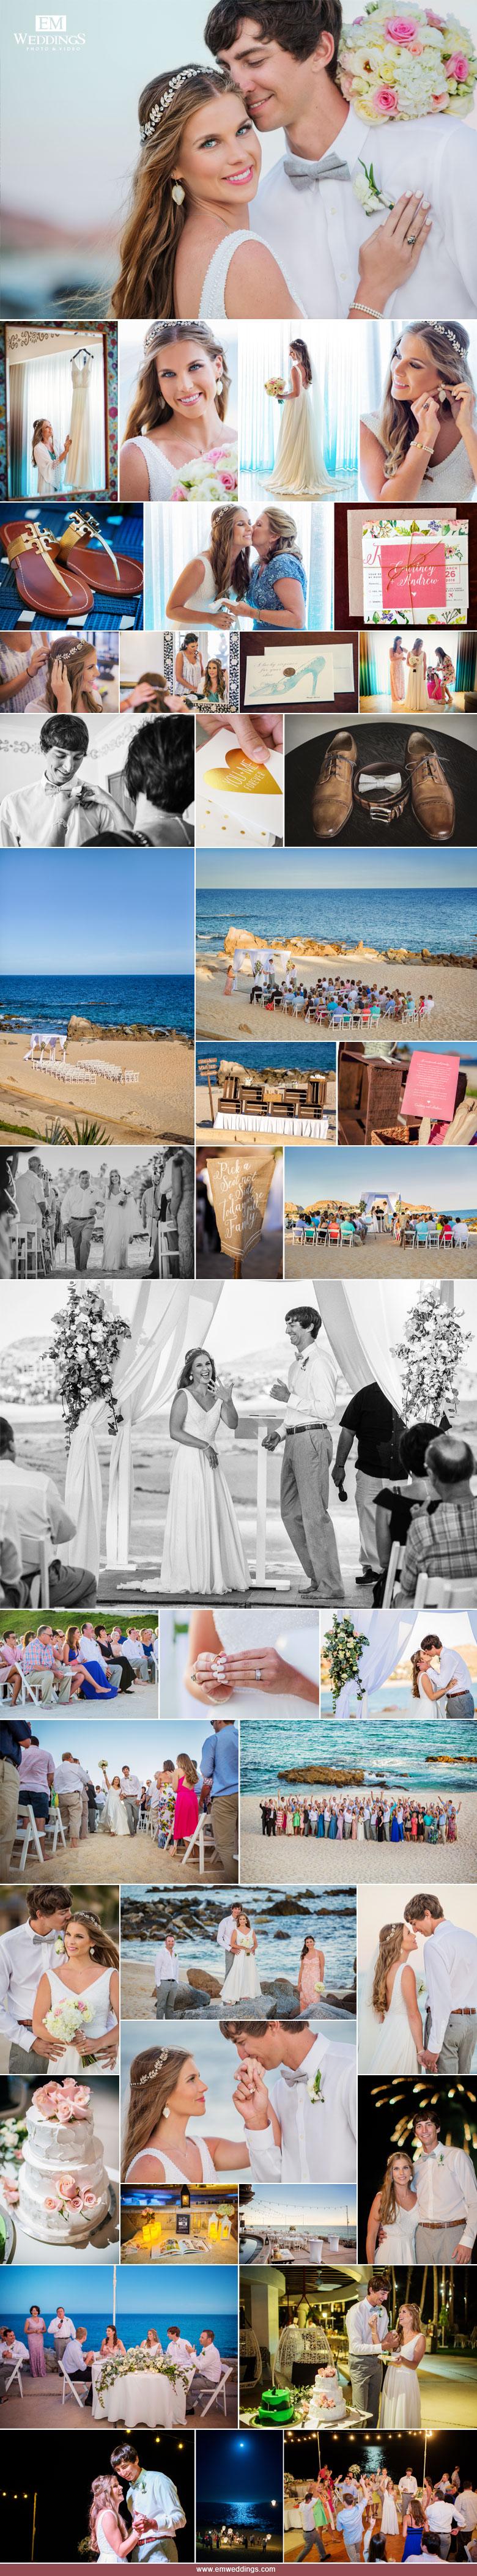 Hotel Hilton, Los Cabos, México Los Cabos Wedding